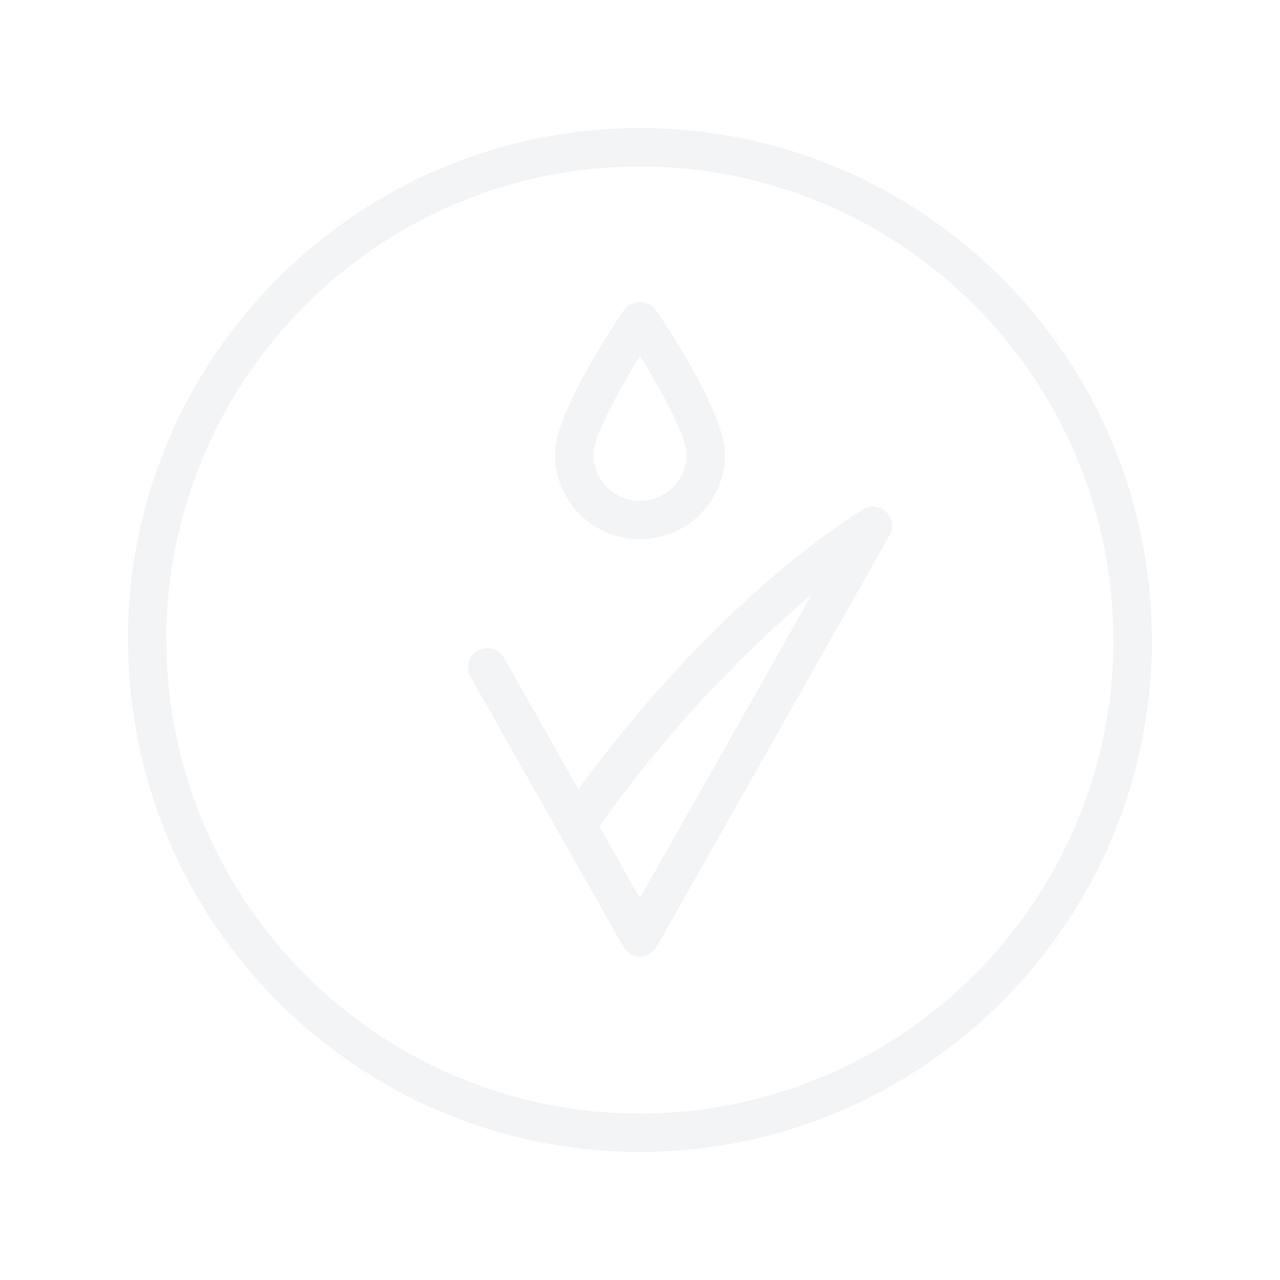 HOLIKA HOLIKA Superfood Capsule Pack Peppermint очищающая маска 10g